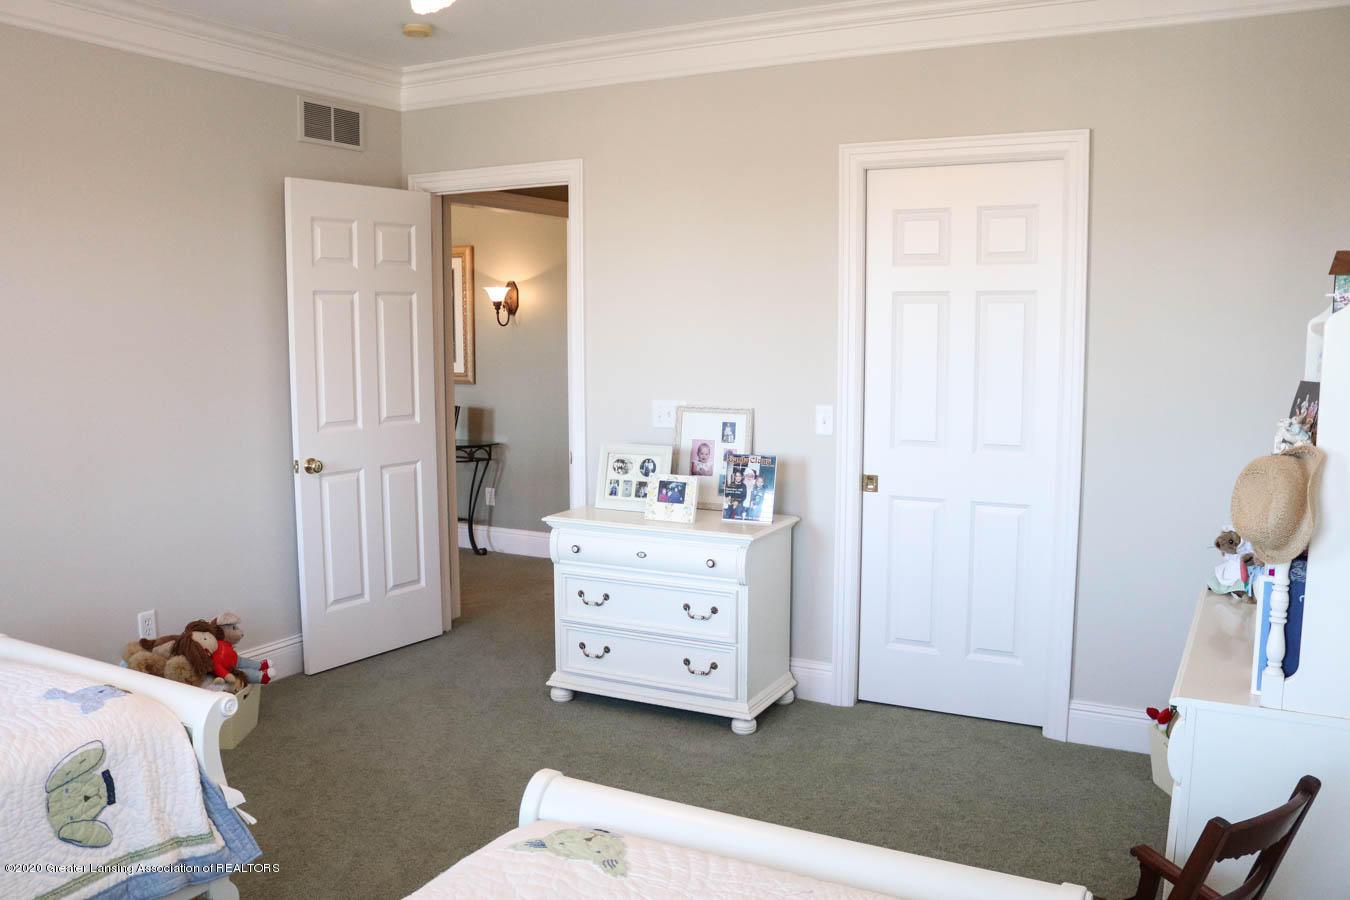 6090 Standish Ct - Bedroom 3 - 60